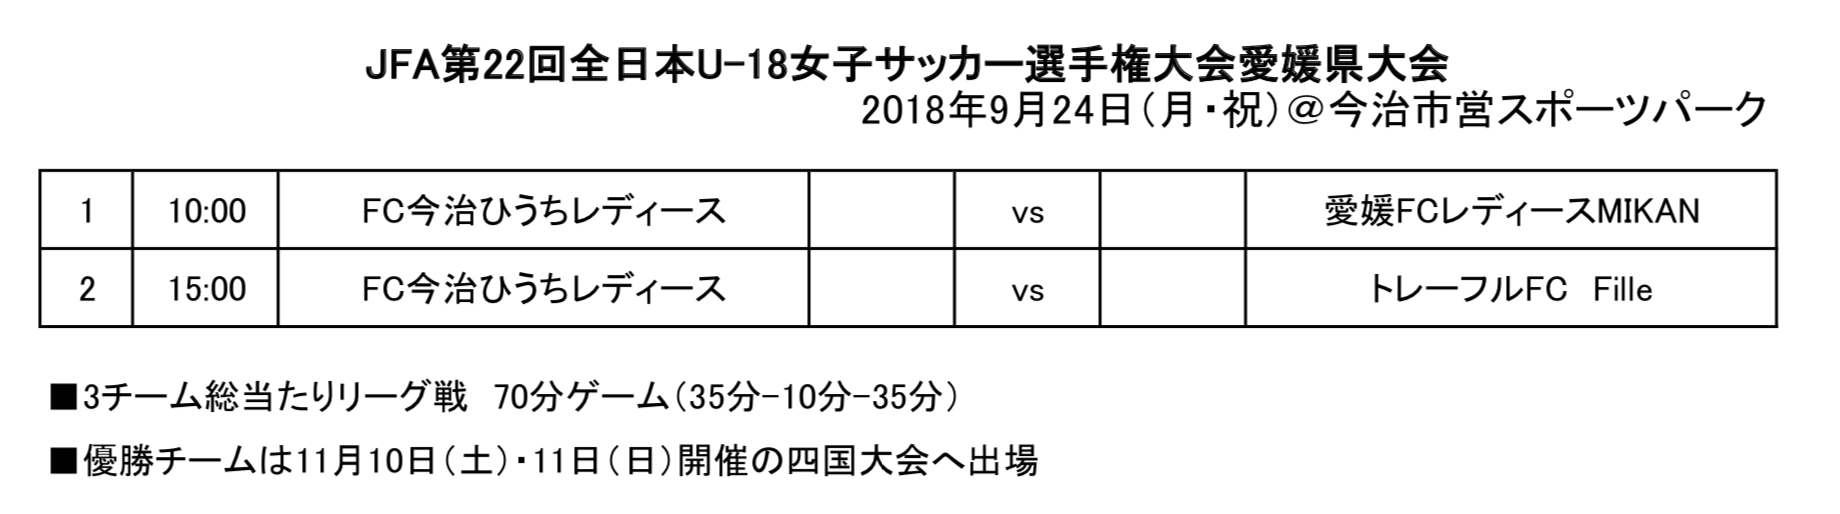 スクリーンショット 2018-09-17 12.37.53.png